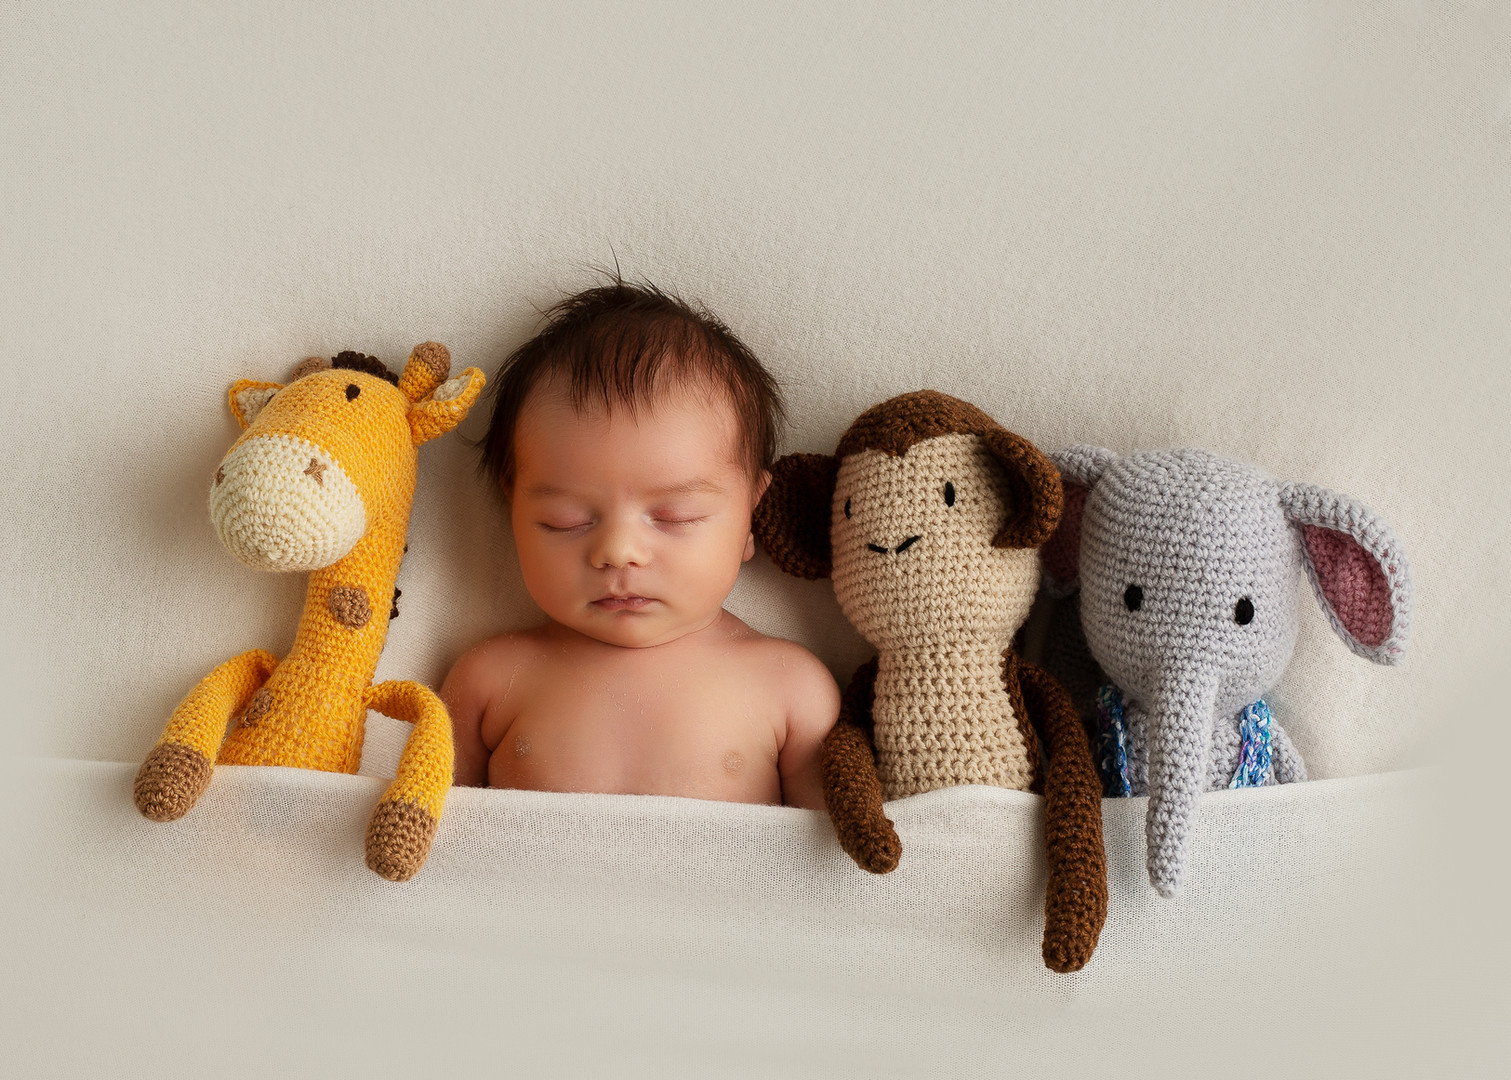 Babybilderlandau